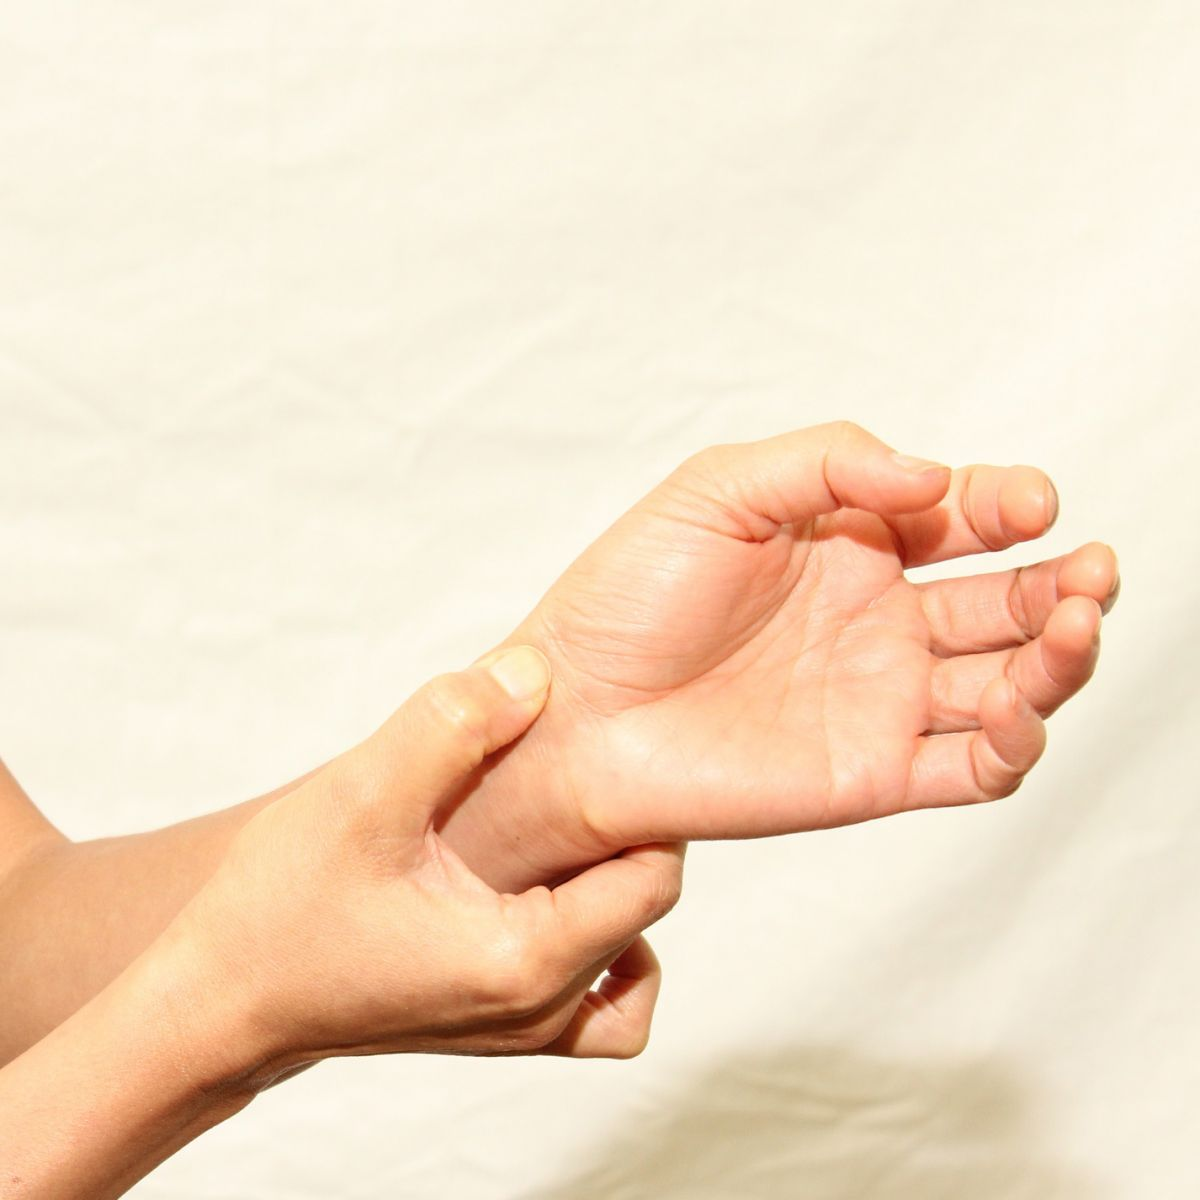 Dureri la încheietura mâinii în timpul efortului fizic, Suprasolicitarea fizica